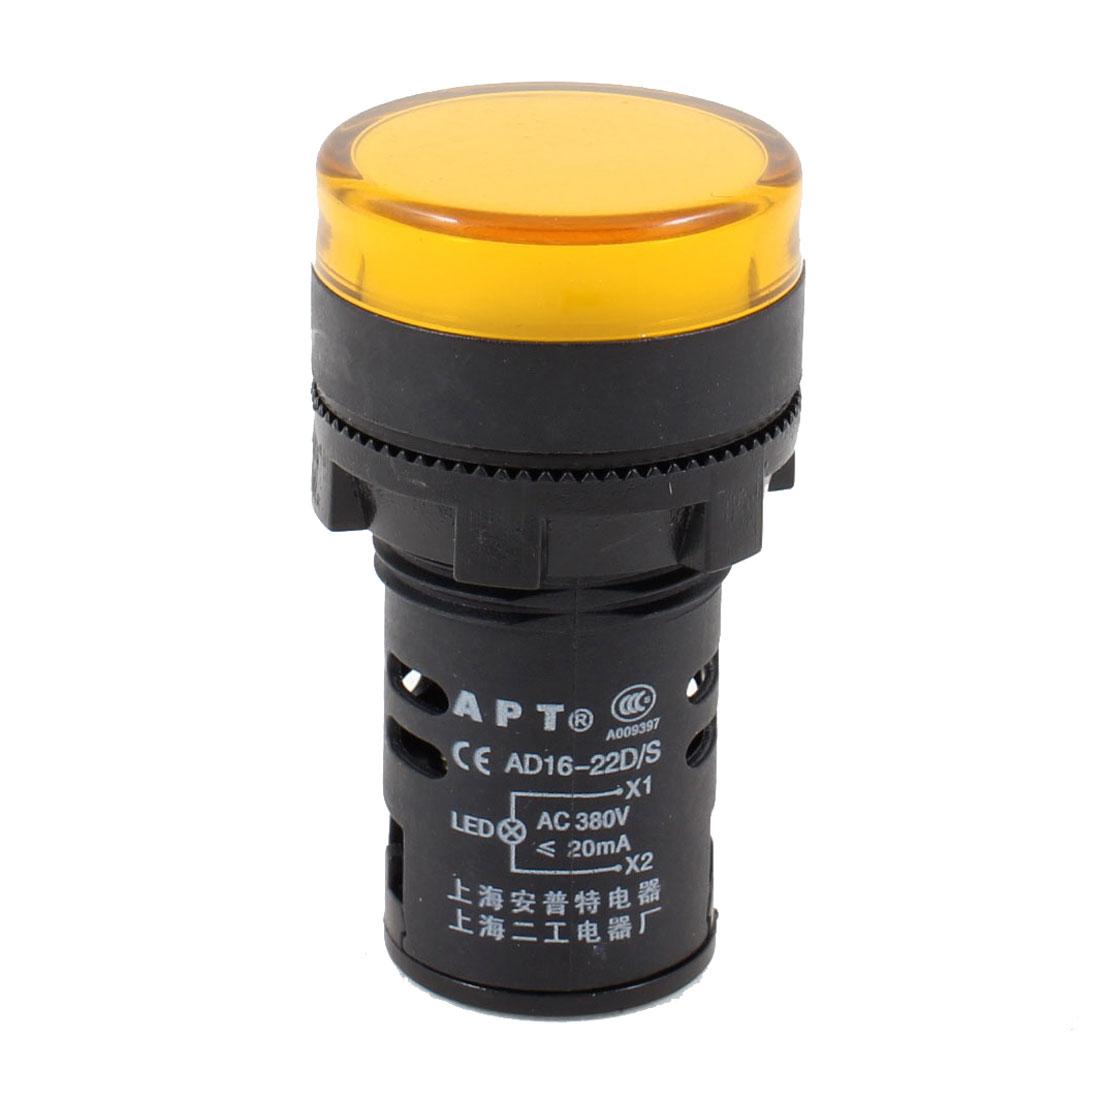 AC 380V 20mA Plastic LED Signals Light Lamp Yellow AD16-22D/S